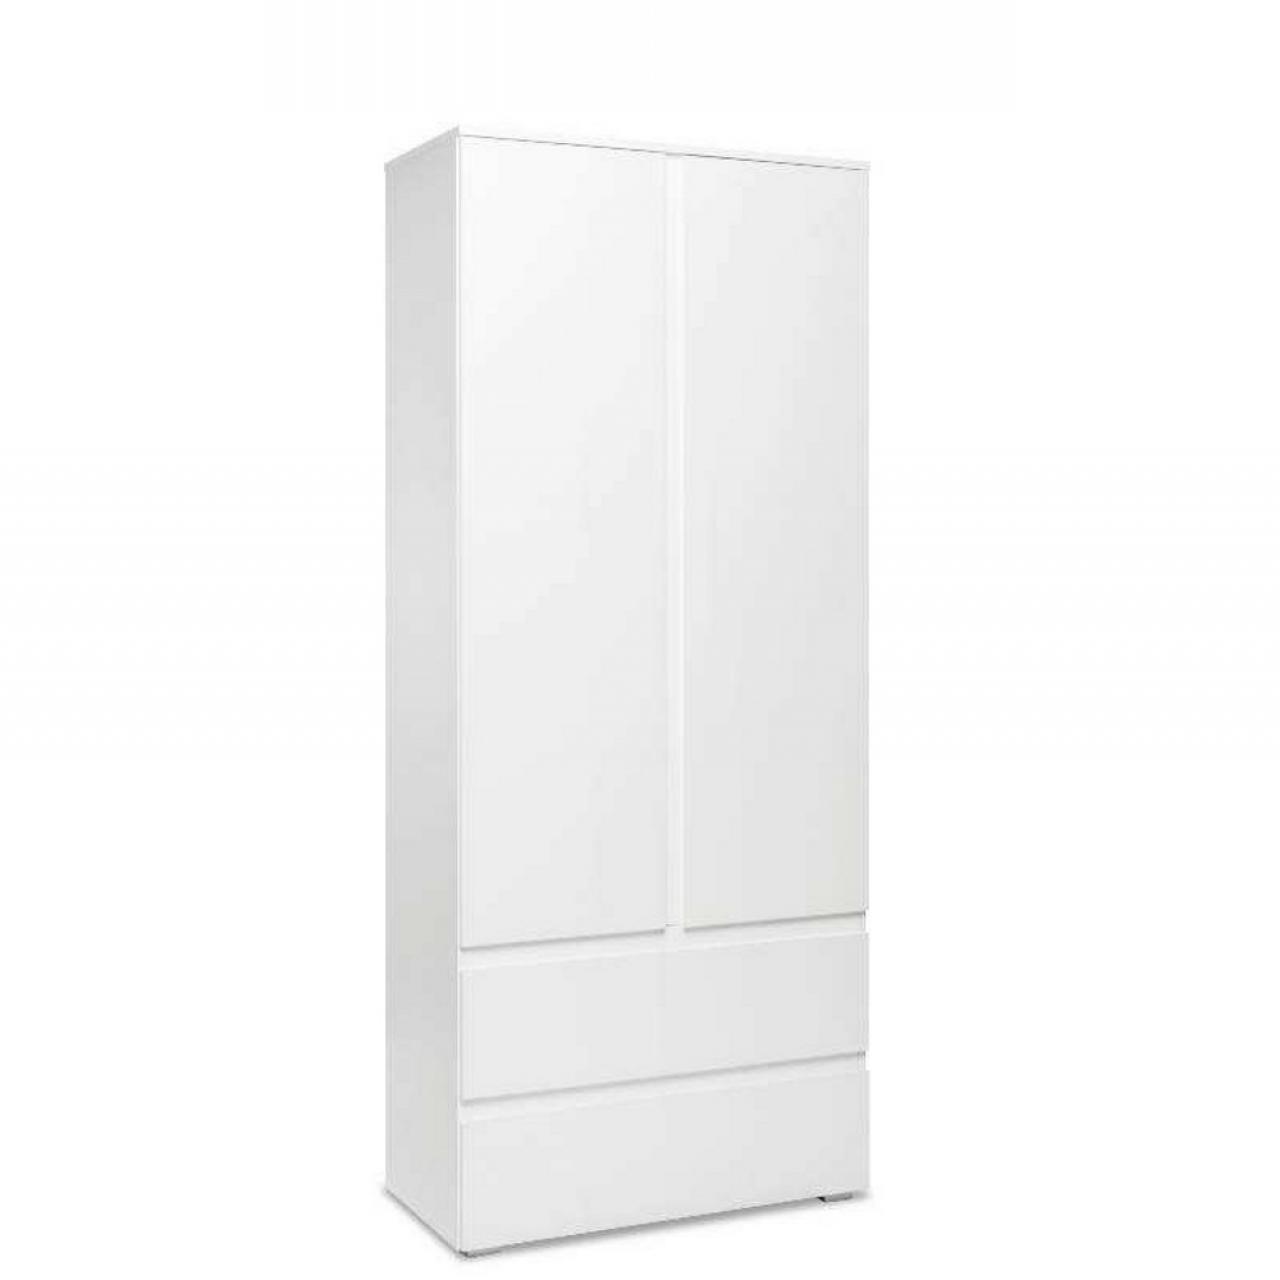 Mehrzweckschrank Image, Schrank, Wandschrank,Garderobenschrank,Aktenschrank,Weiß